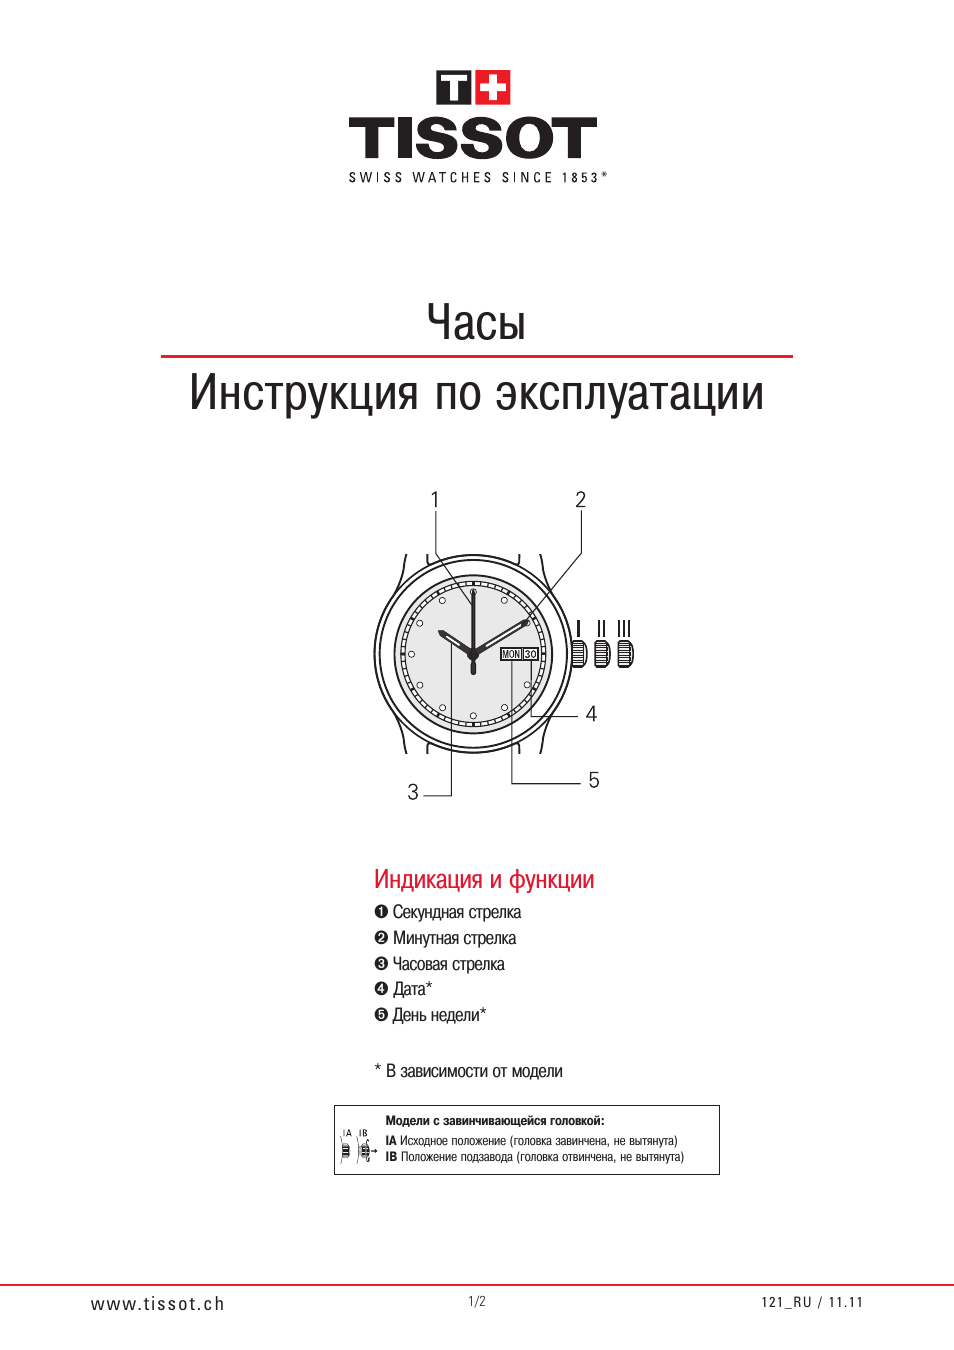 Обзор часов tissot pr automatic механика с автоподзаводом.